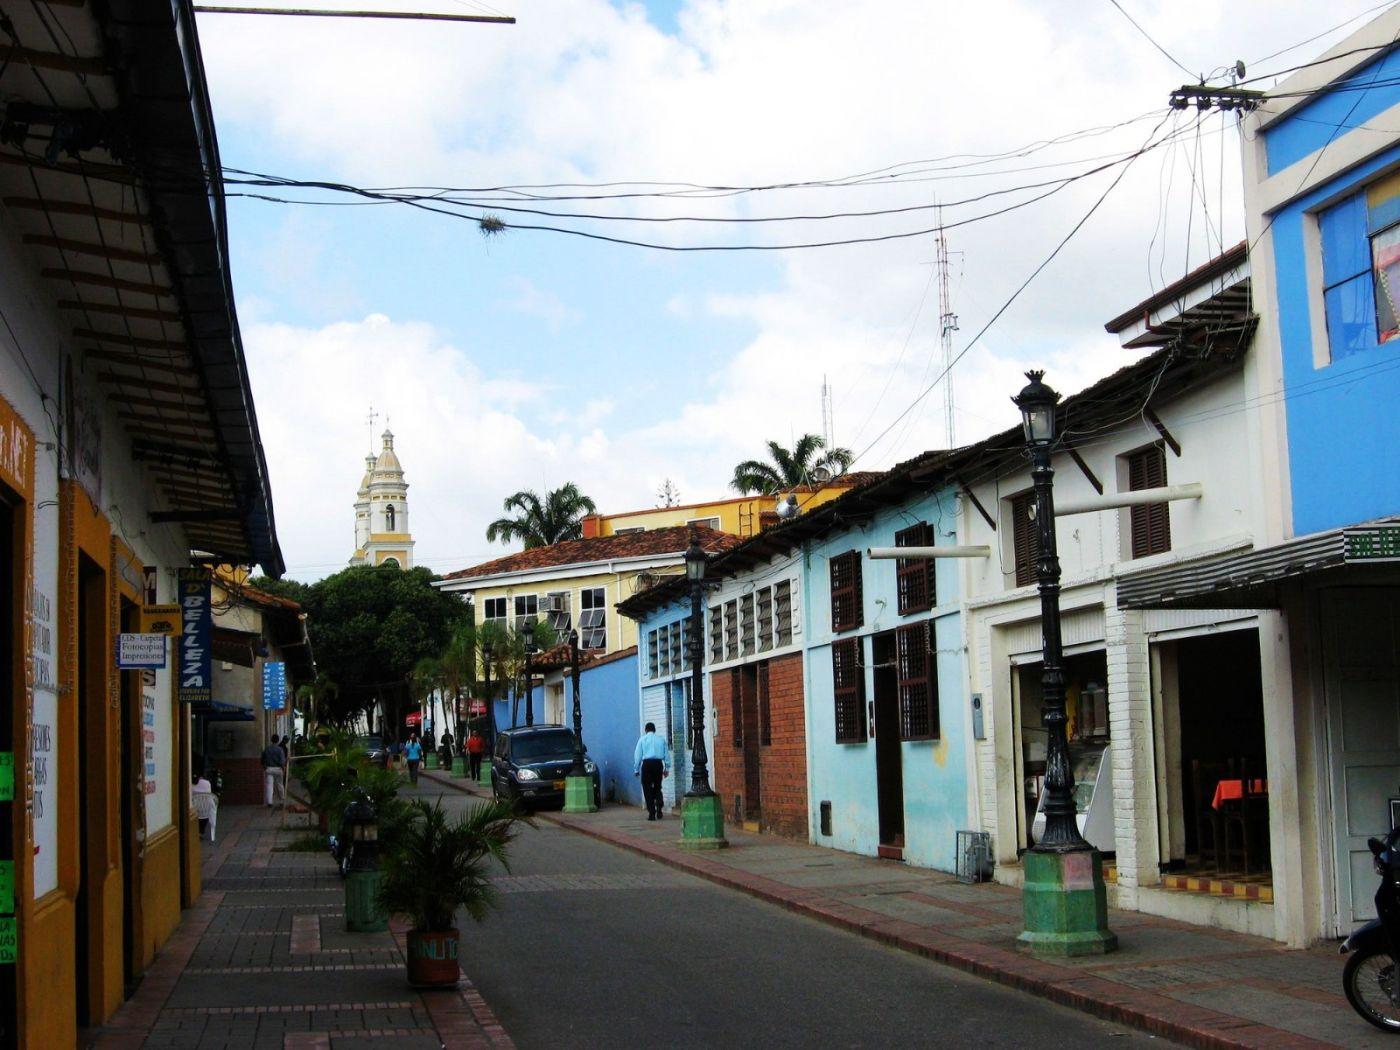 哥伦比亚_图1-32